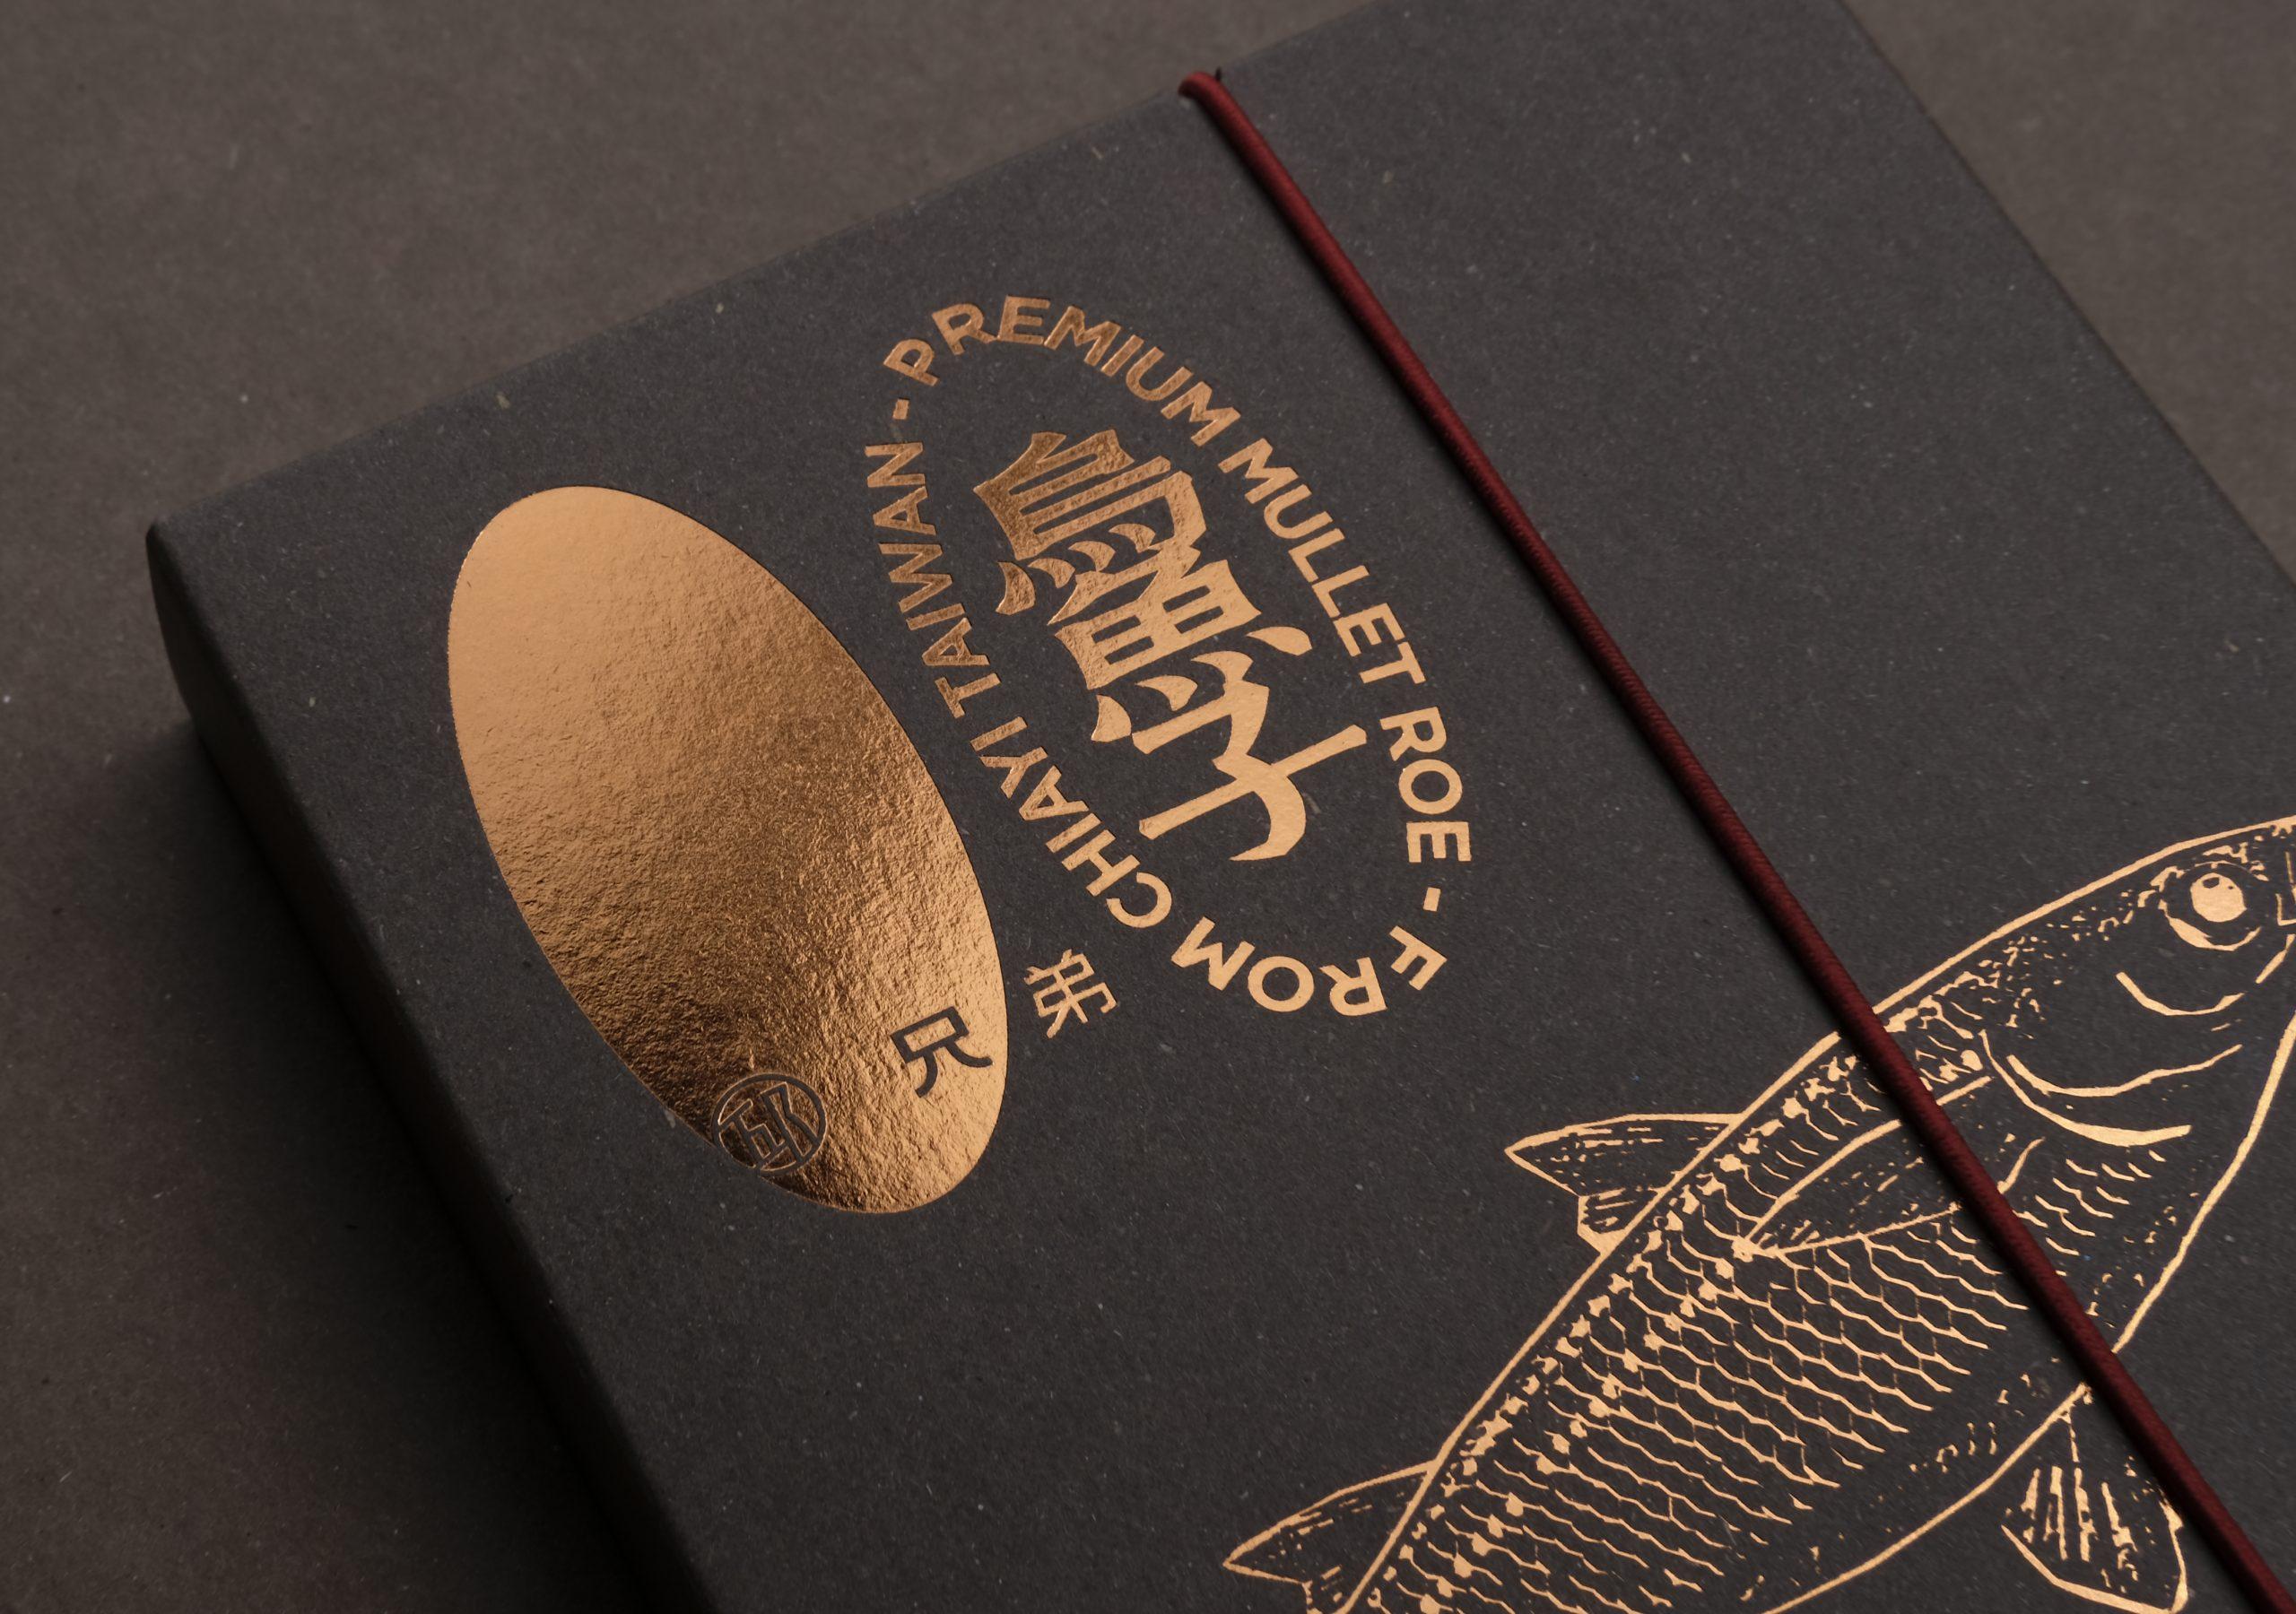 邱家兄弟水產生態養殖烏魚子-包裝設計